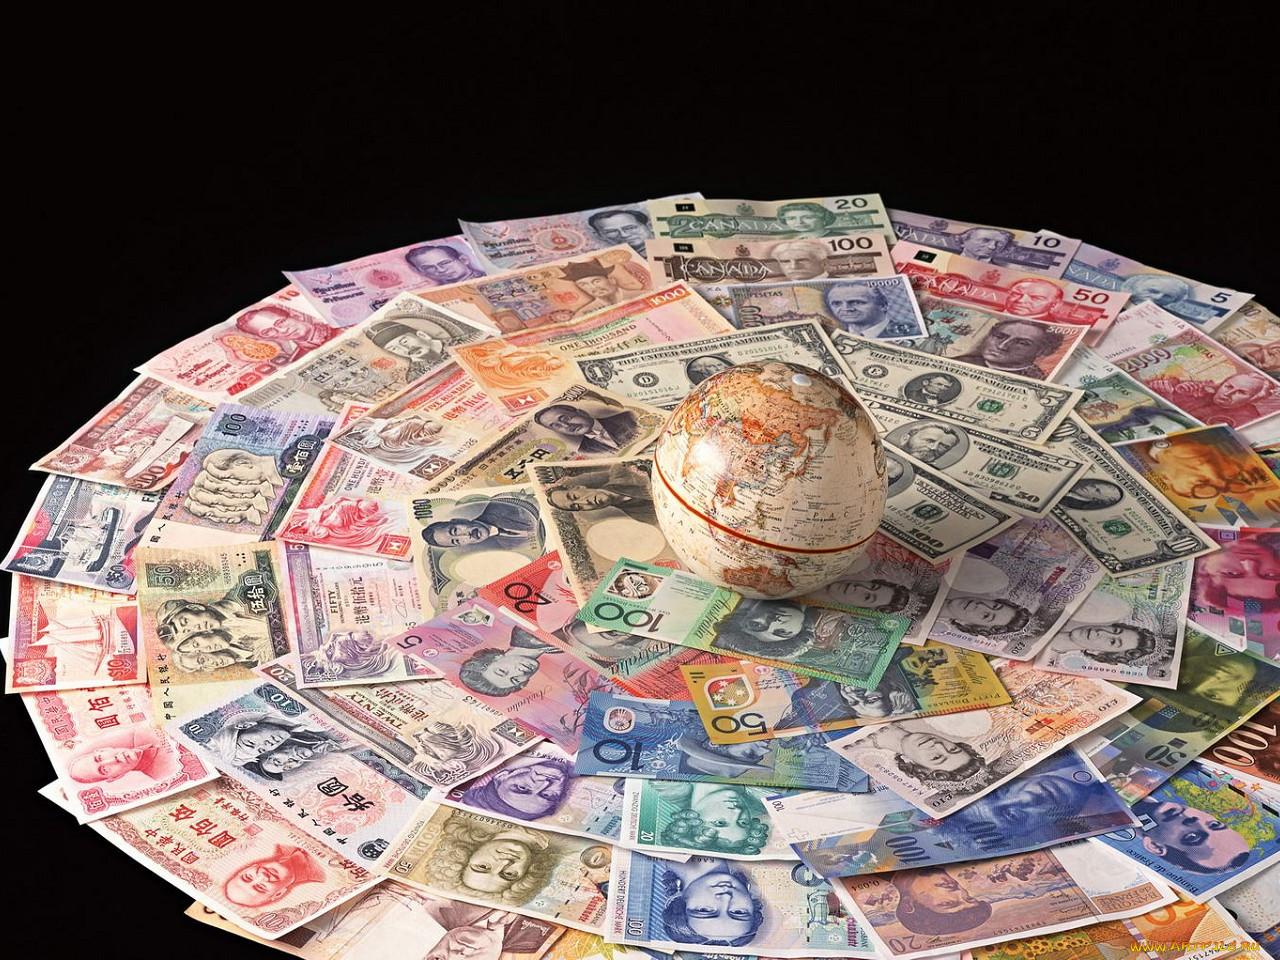 фото валют разных стран этом